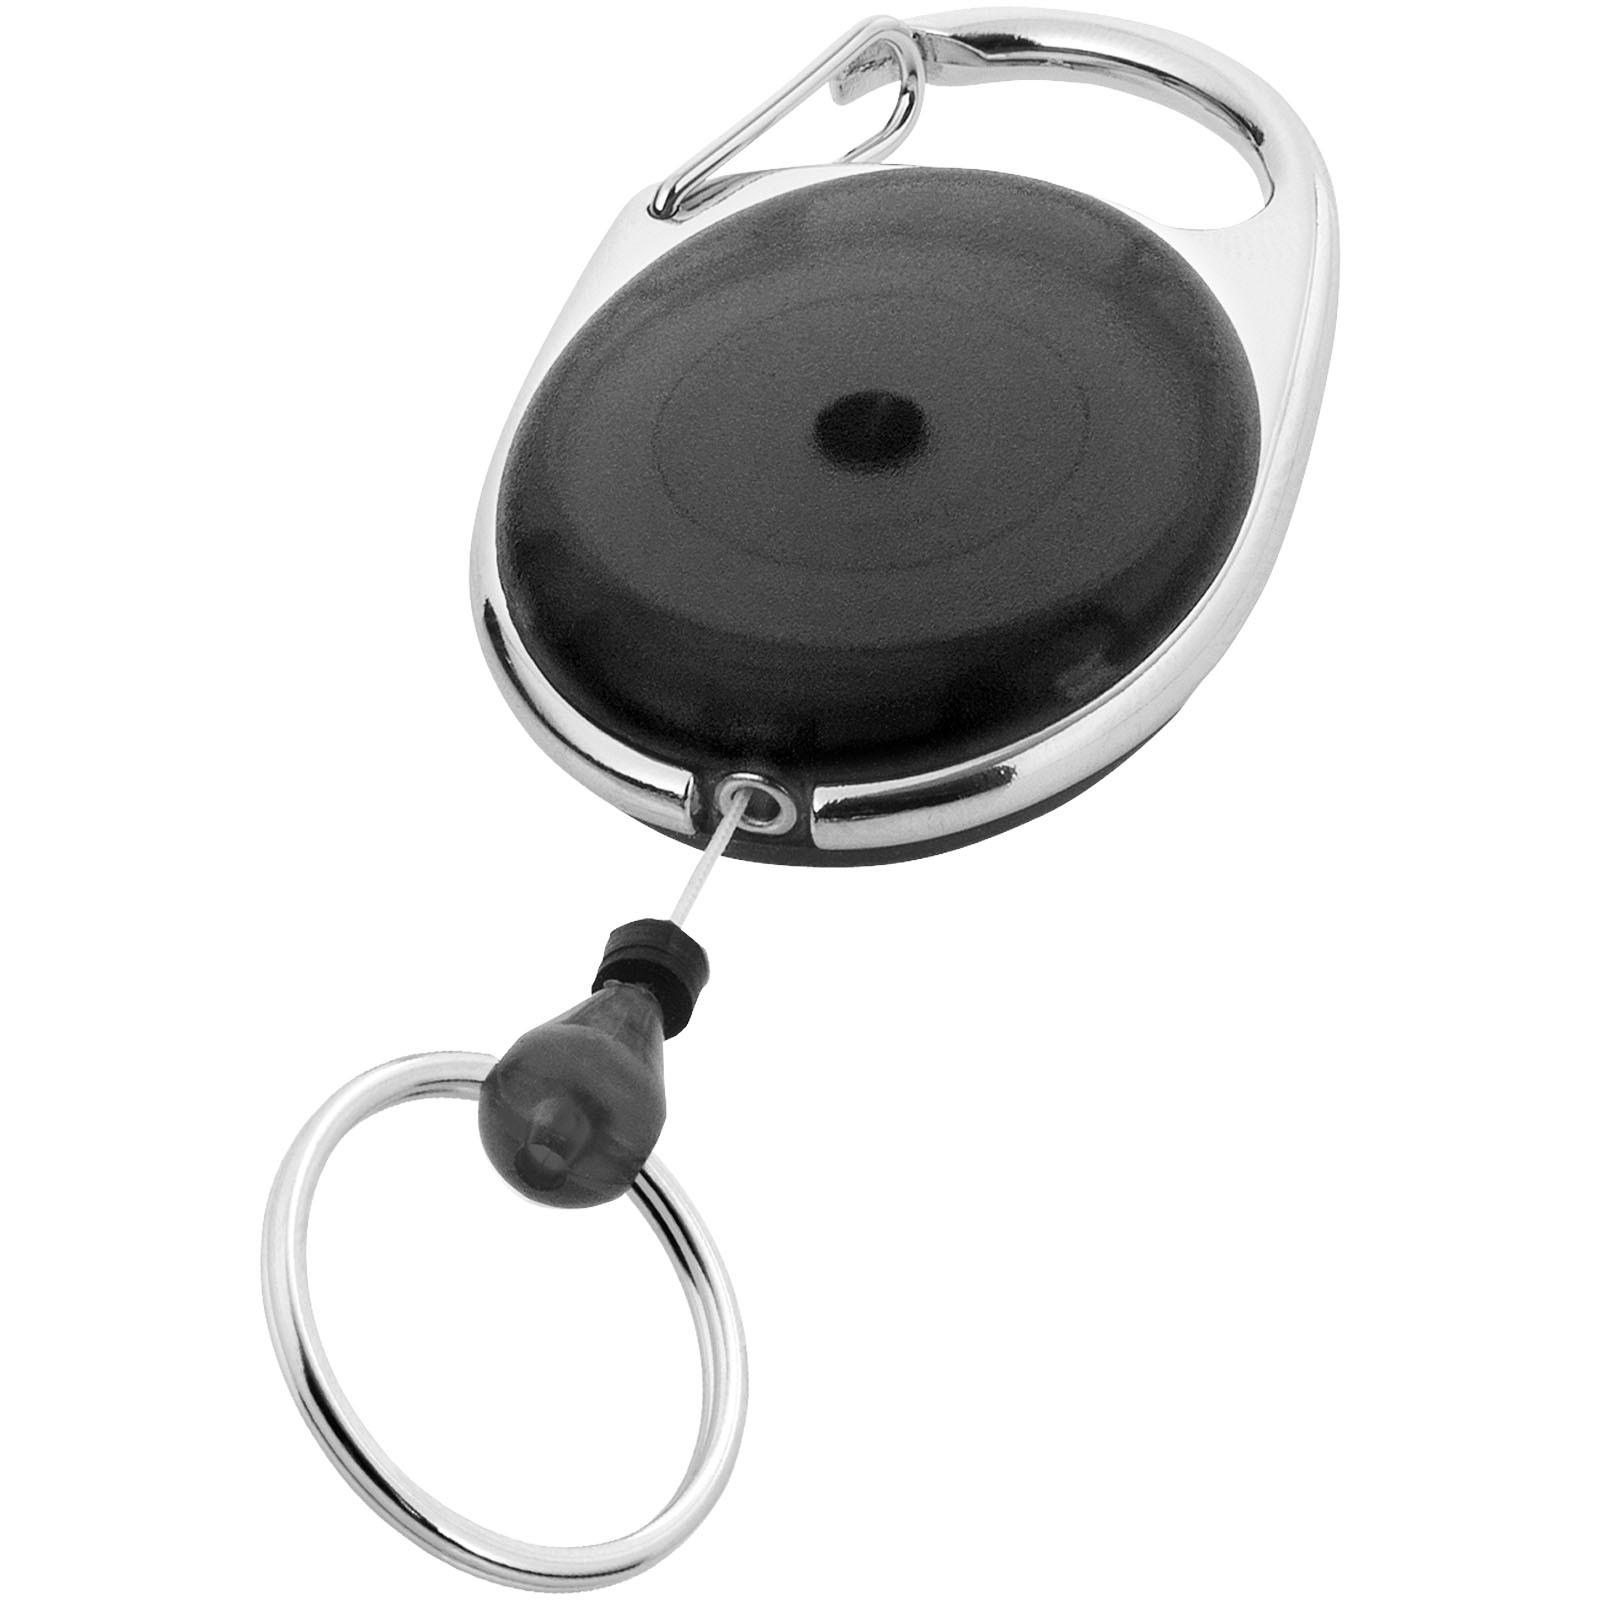 Gerlos Schlüsselkette mit Rollerclip - Schwarz